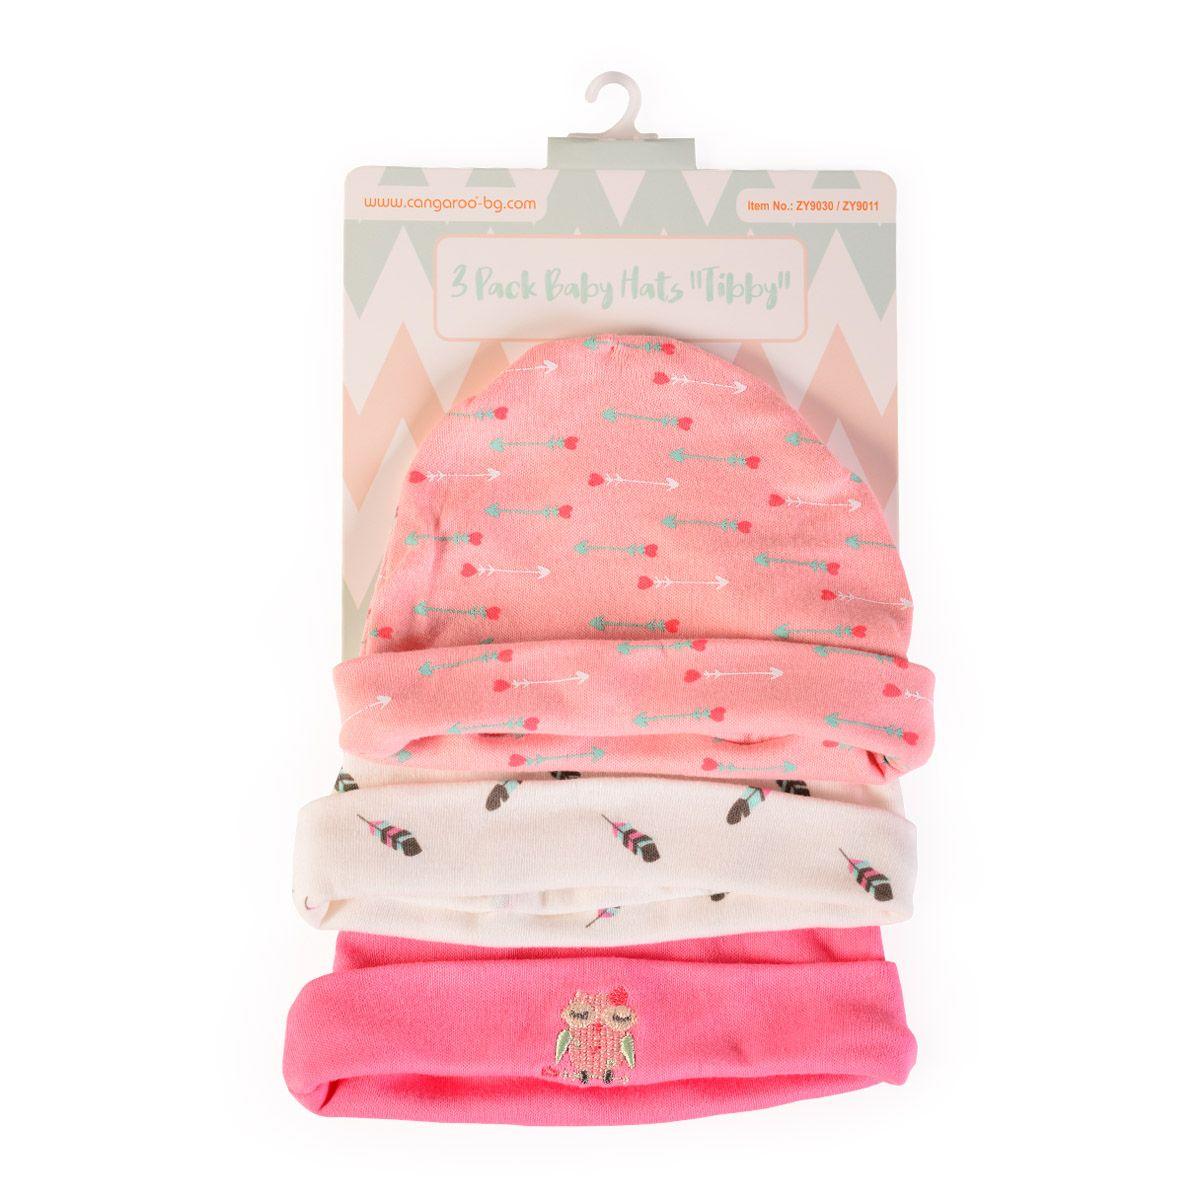 Set 3 caciulite pentru bebelusi Cangaroo Tibby pink imagine hippoland.ro